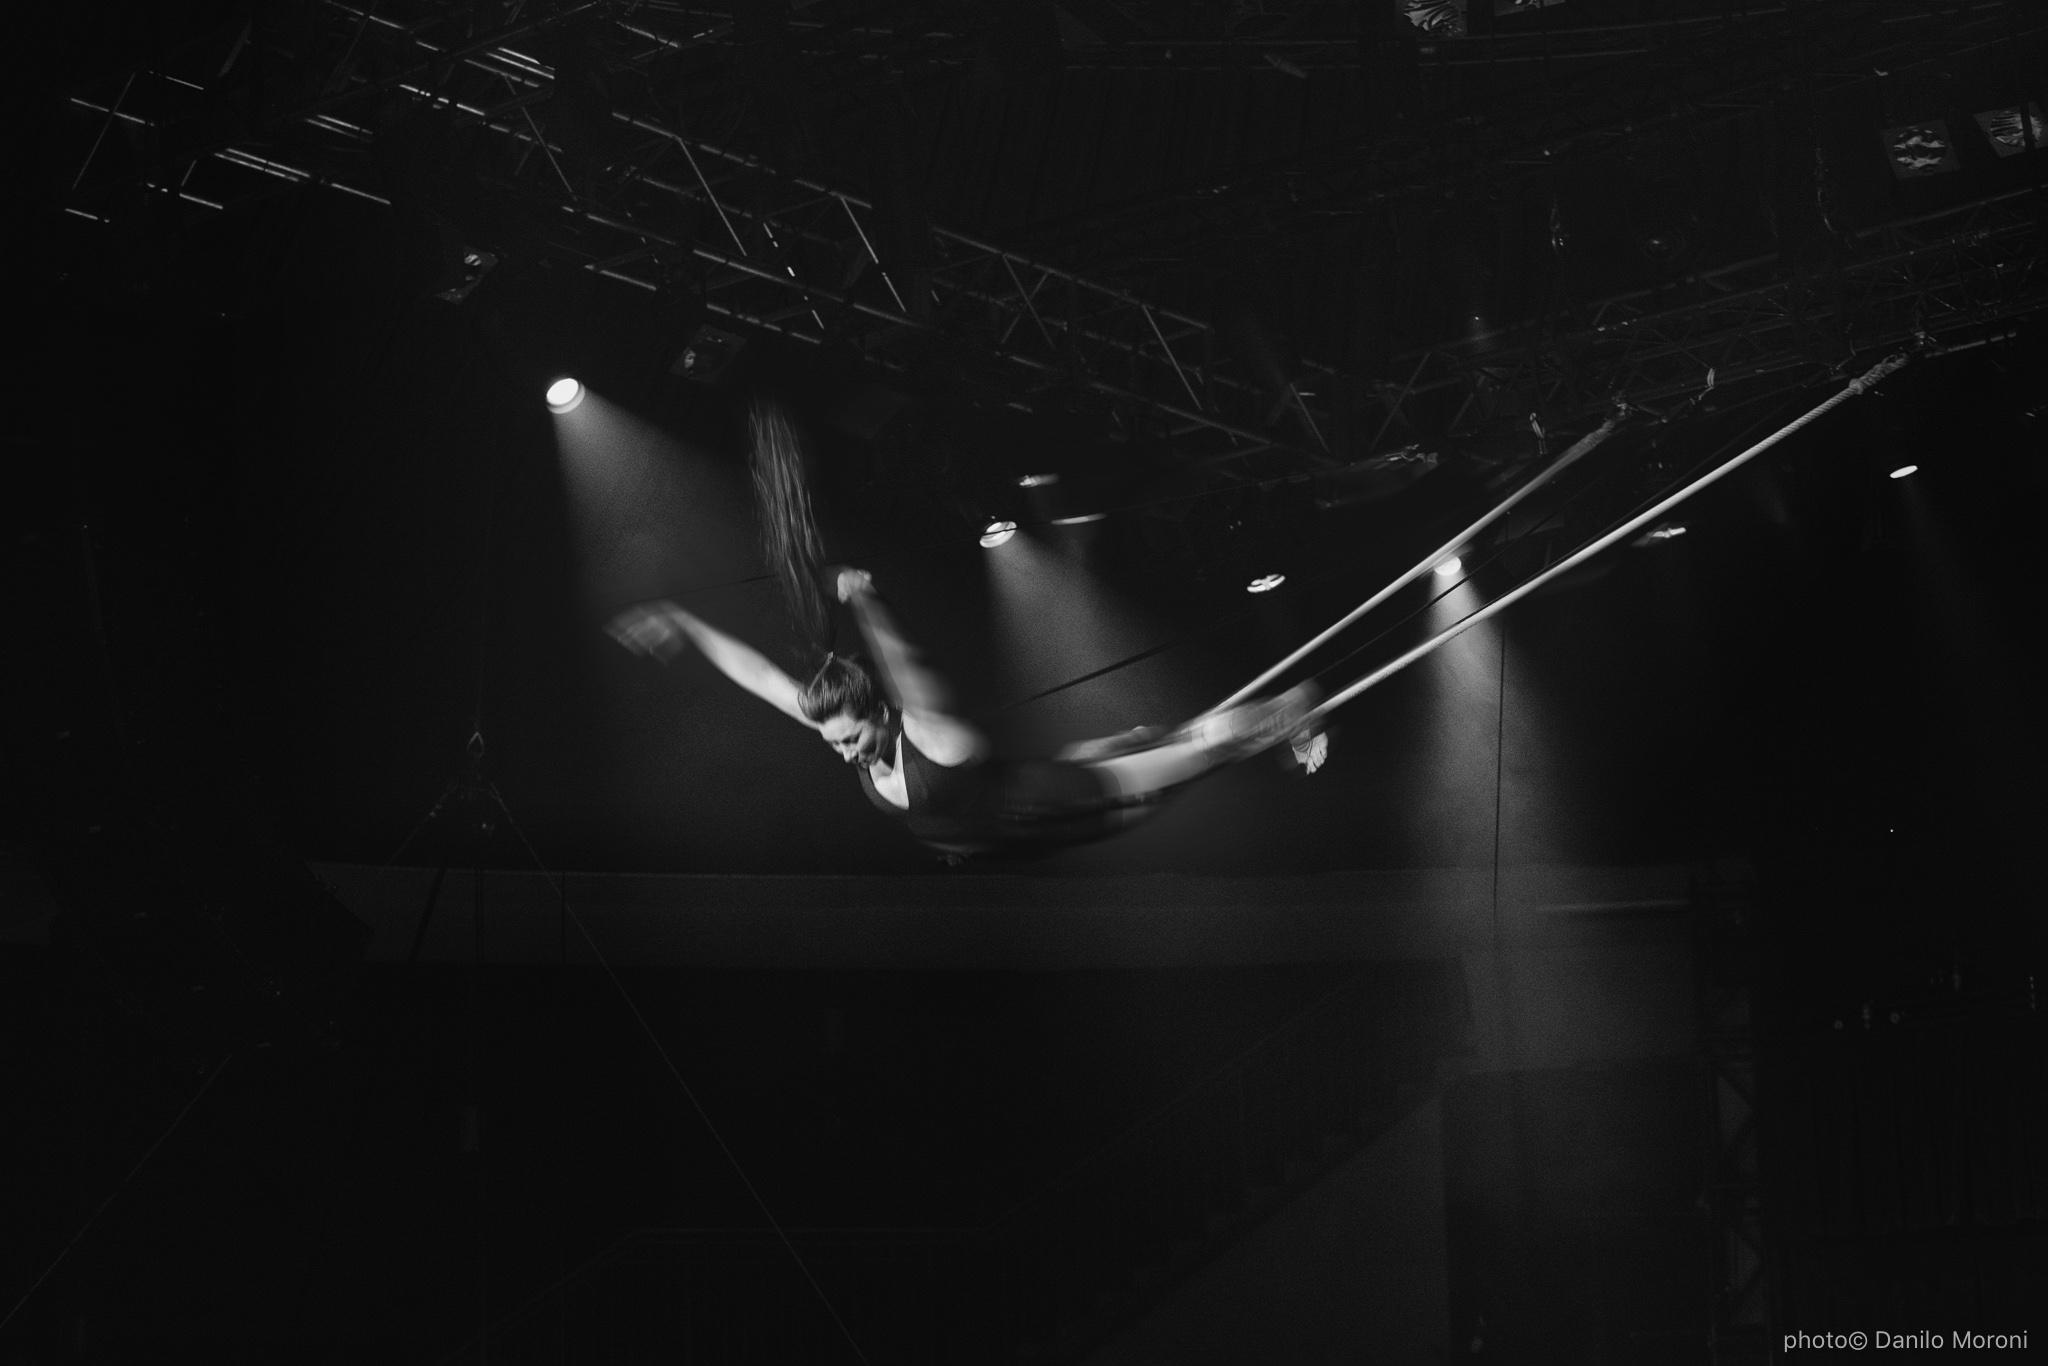 Teatro-en-vilo-Circo-Price-Miss-Mara-photo-Danilo-Moroni-423.jpg